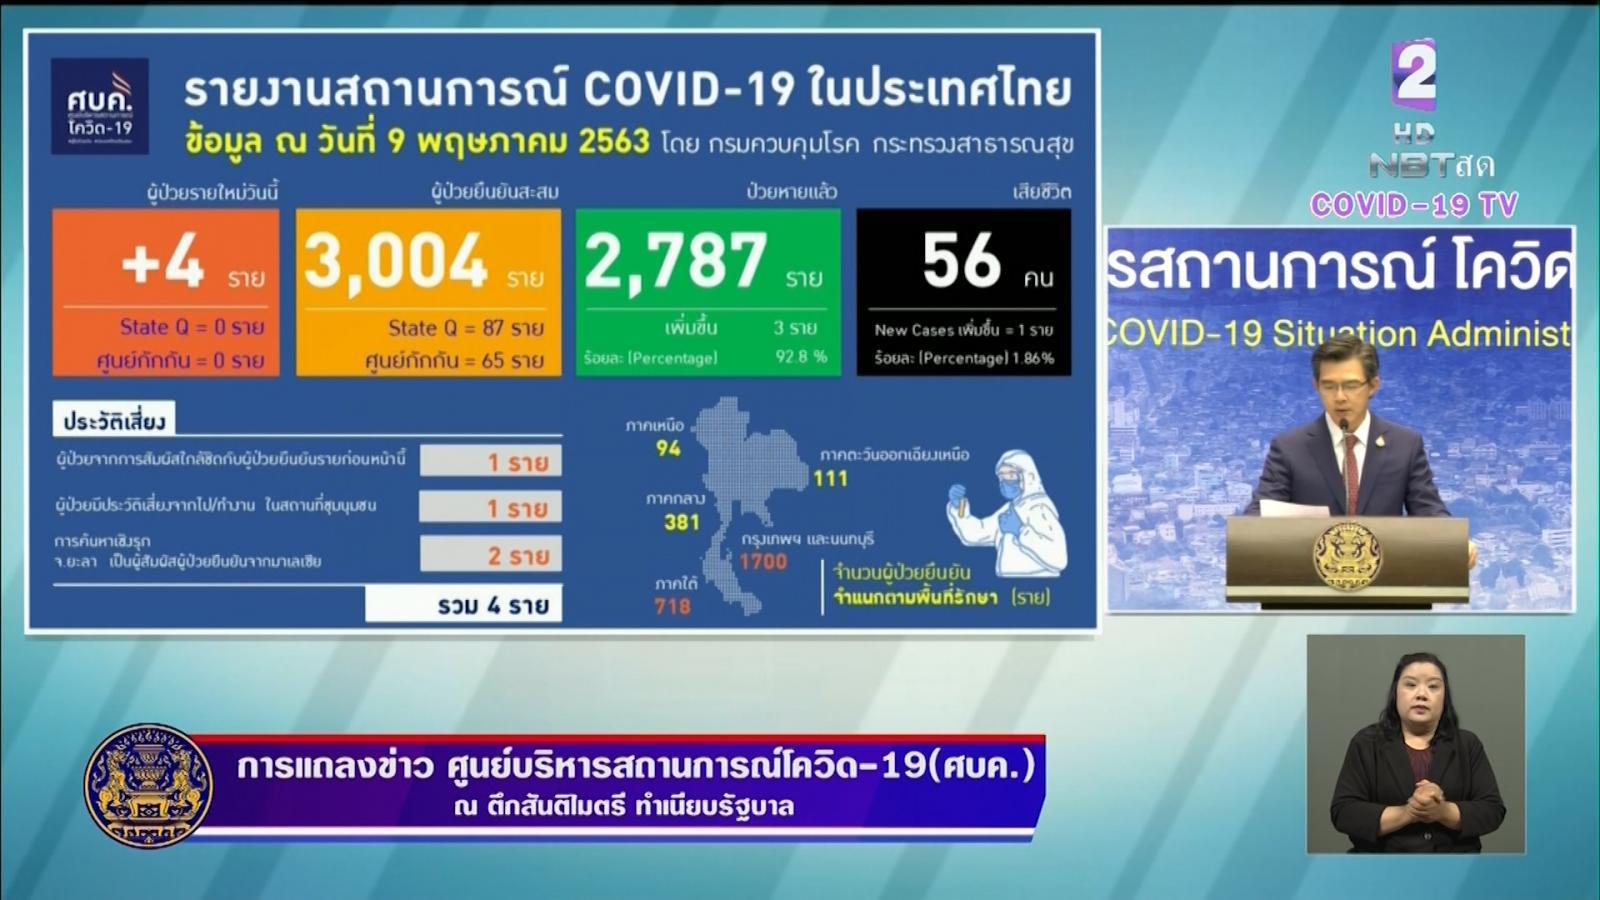 ผู้ป่วยติดโควิด-19 รายใหม่เพิ่ม 4 ราย เสียชีวิตเพิ่ม 1 ราย